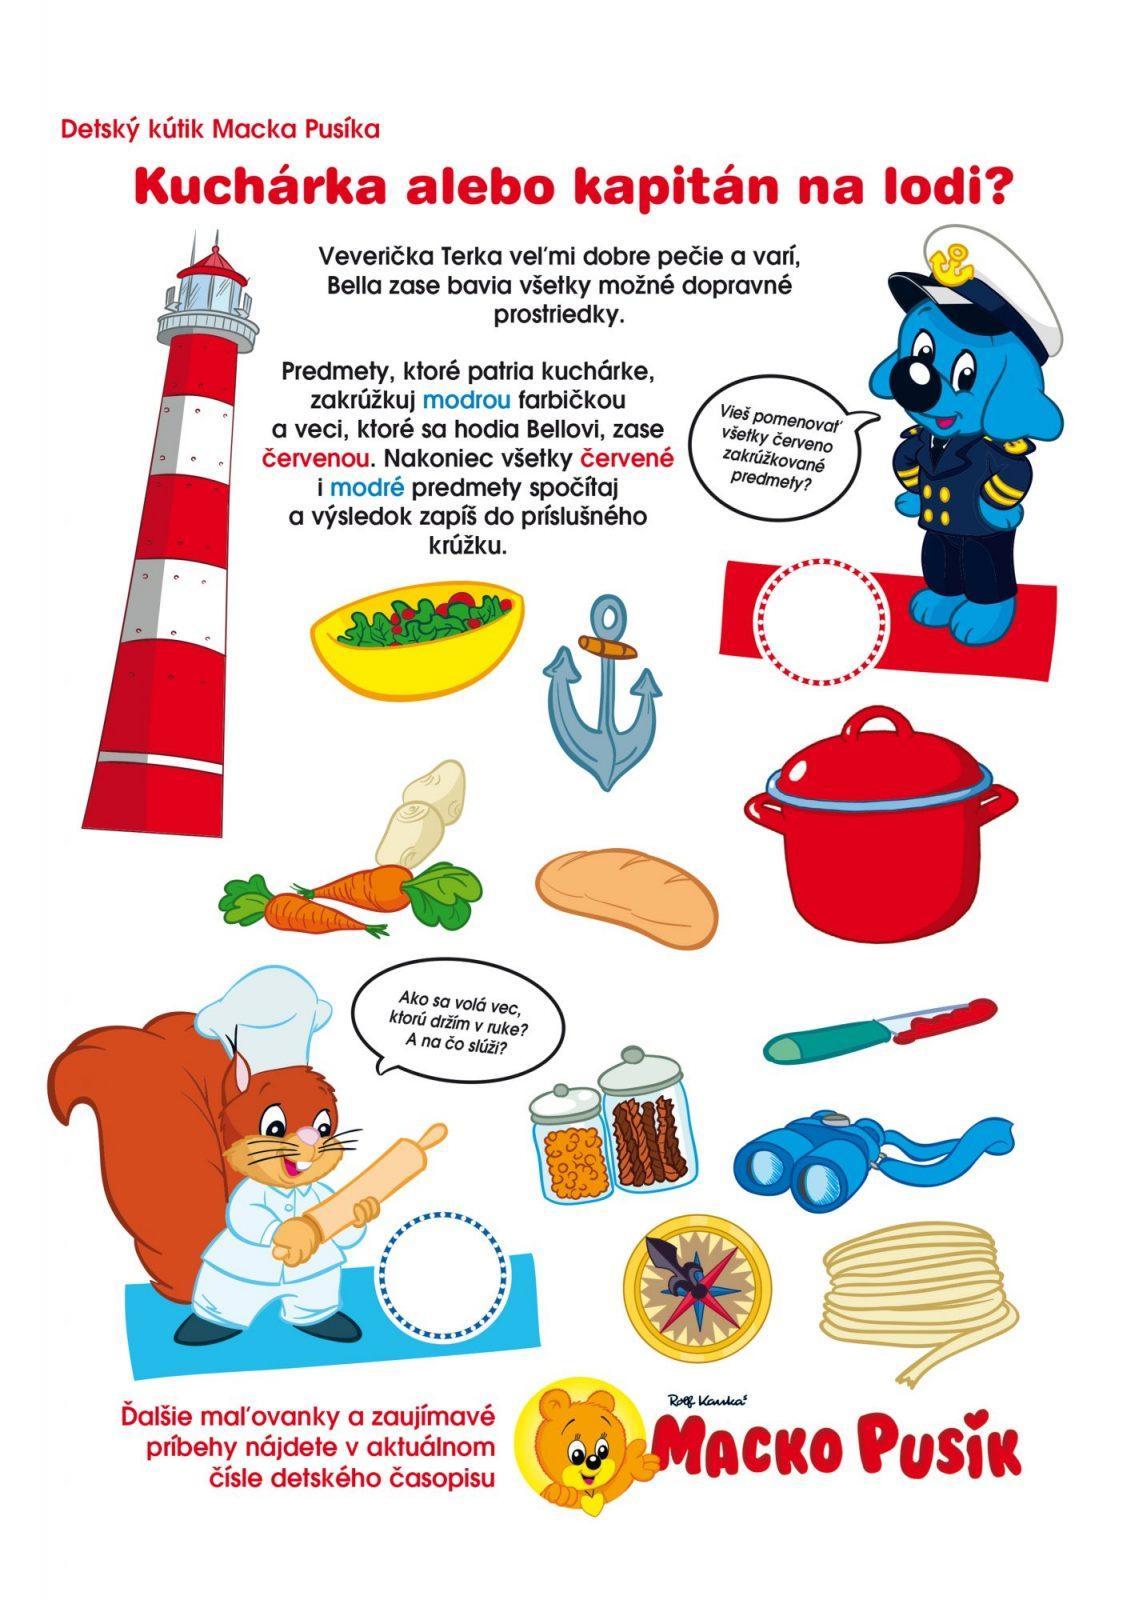 kuchárka, Detský kútik: Kuchárka alebo kapitán na lodi?